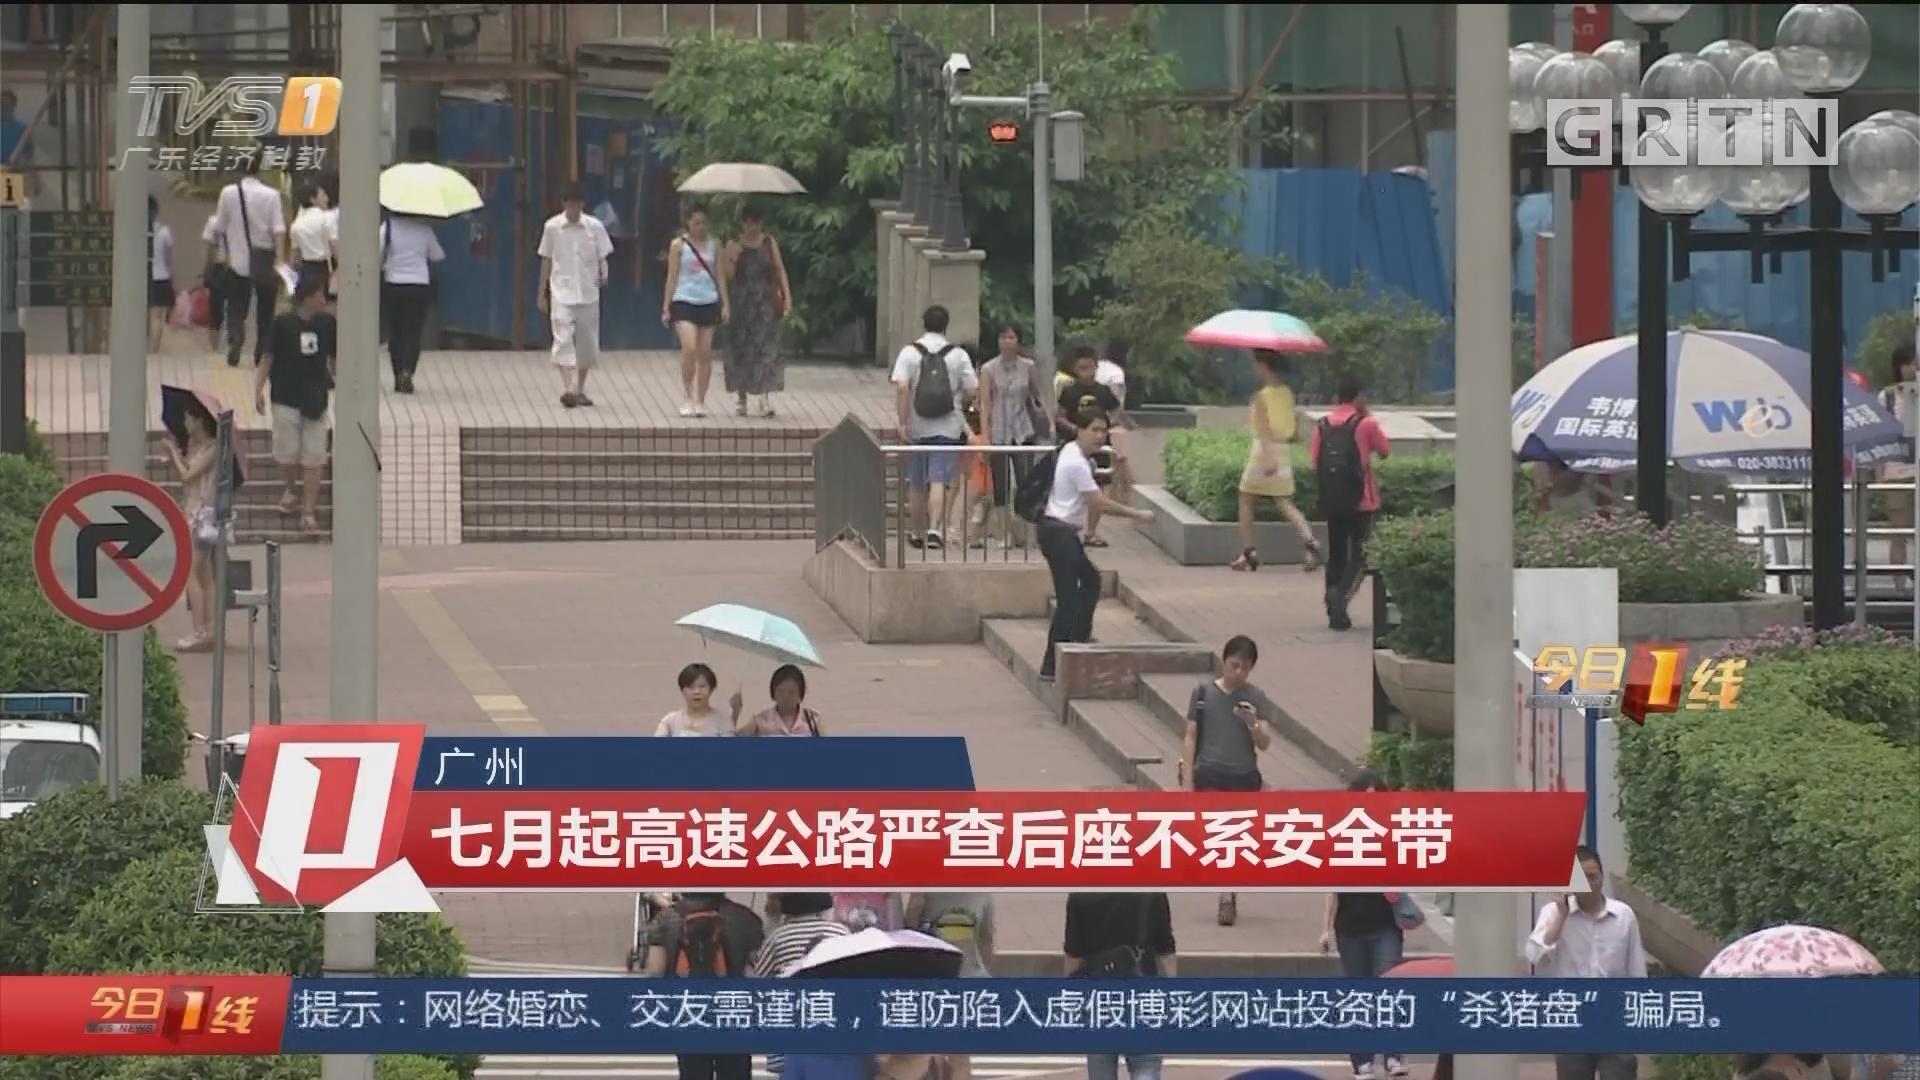 广州:七月起高速公路严查后座不系安全带